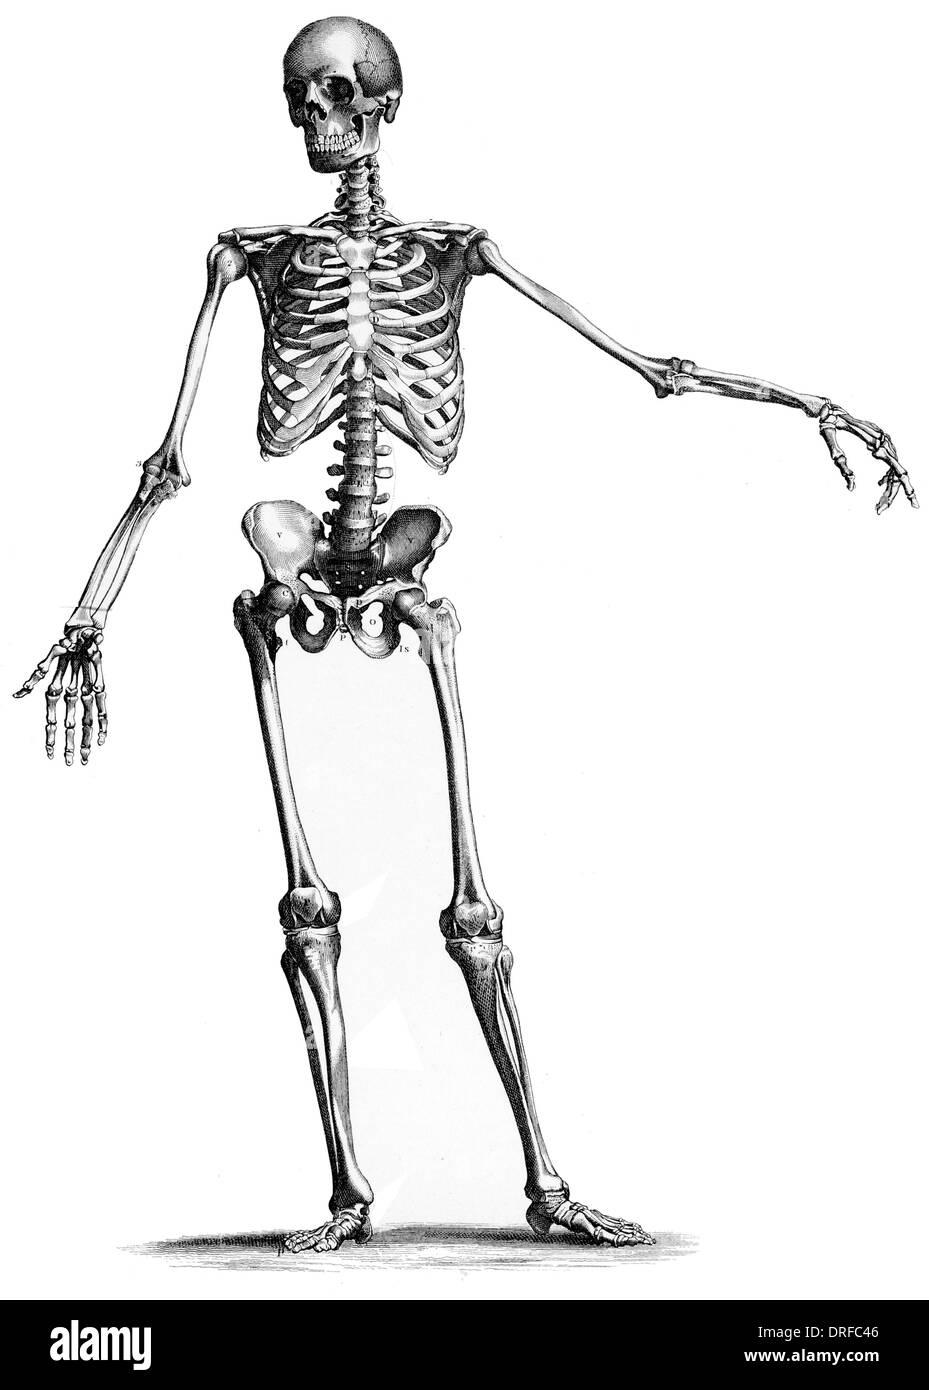 Vorderansicht frontal stehend Skelett des menschlichen Körpers ...